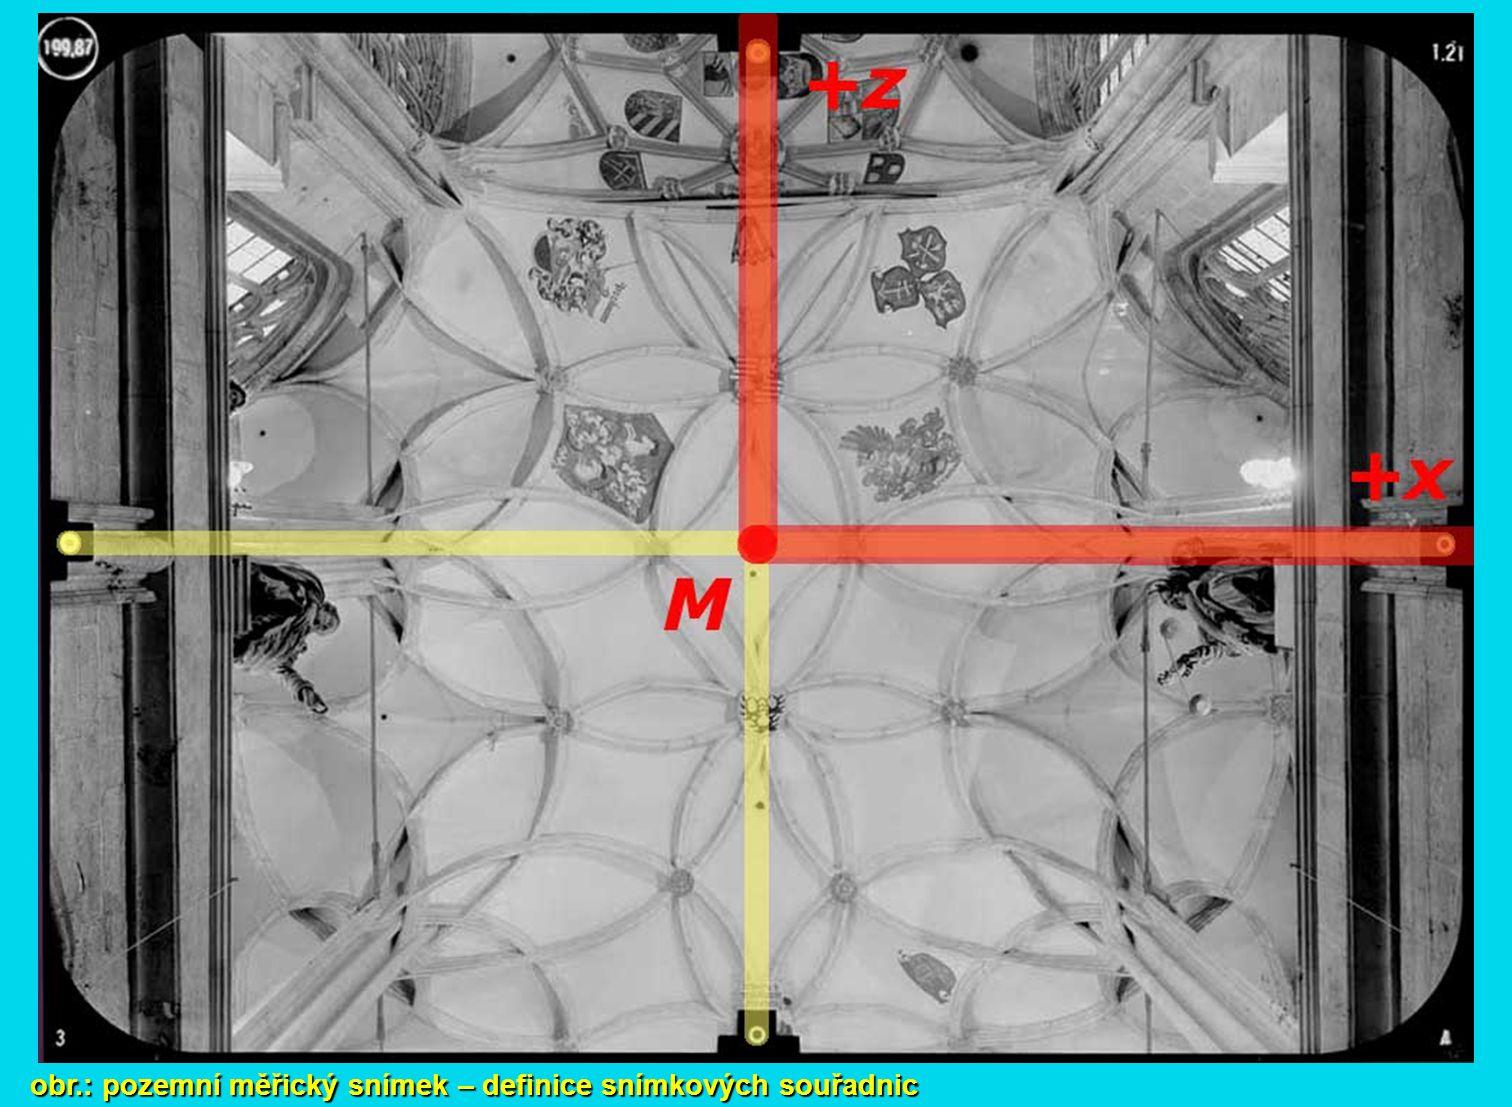 obr.: pozemní měřický snímek – definice snímkových souřadnic